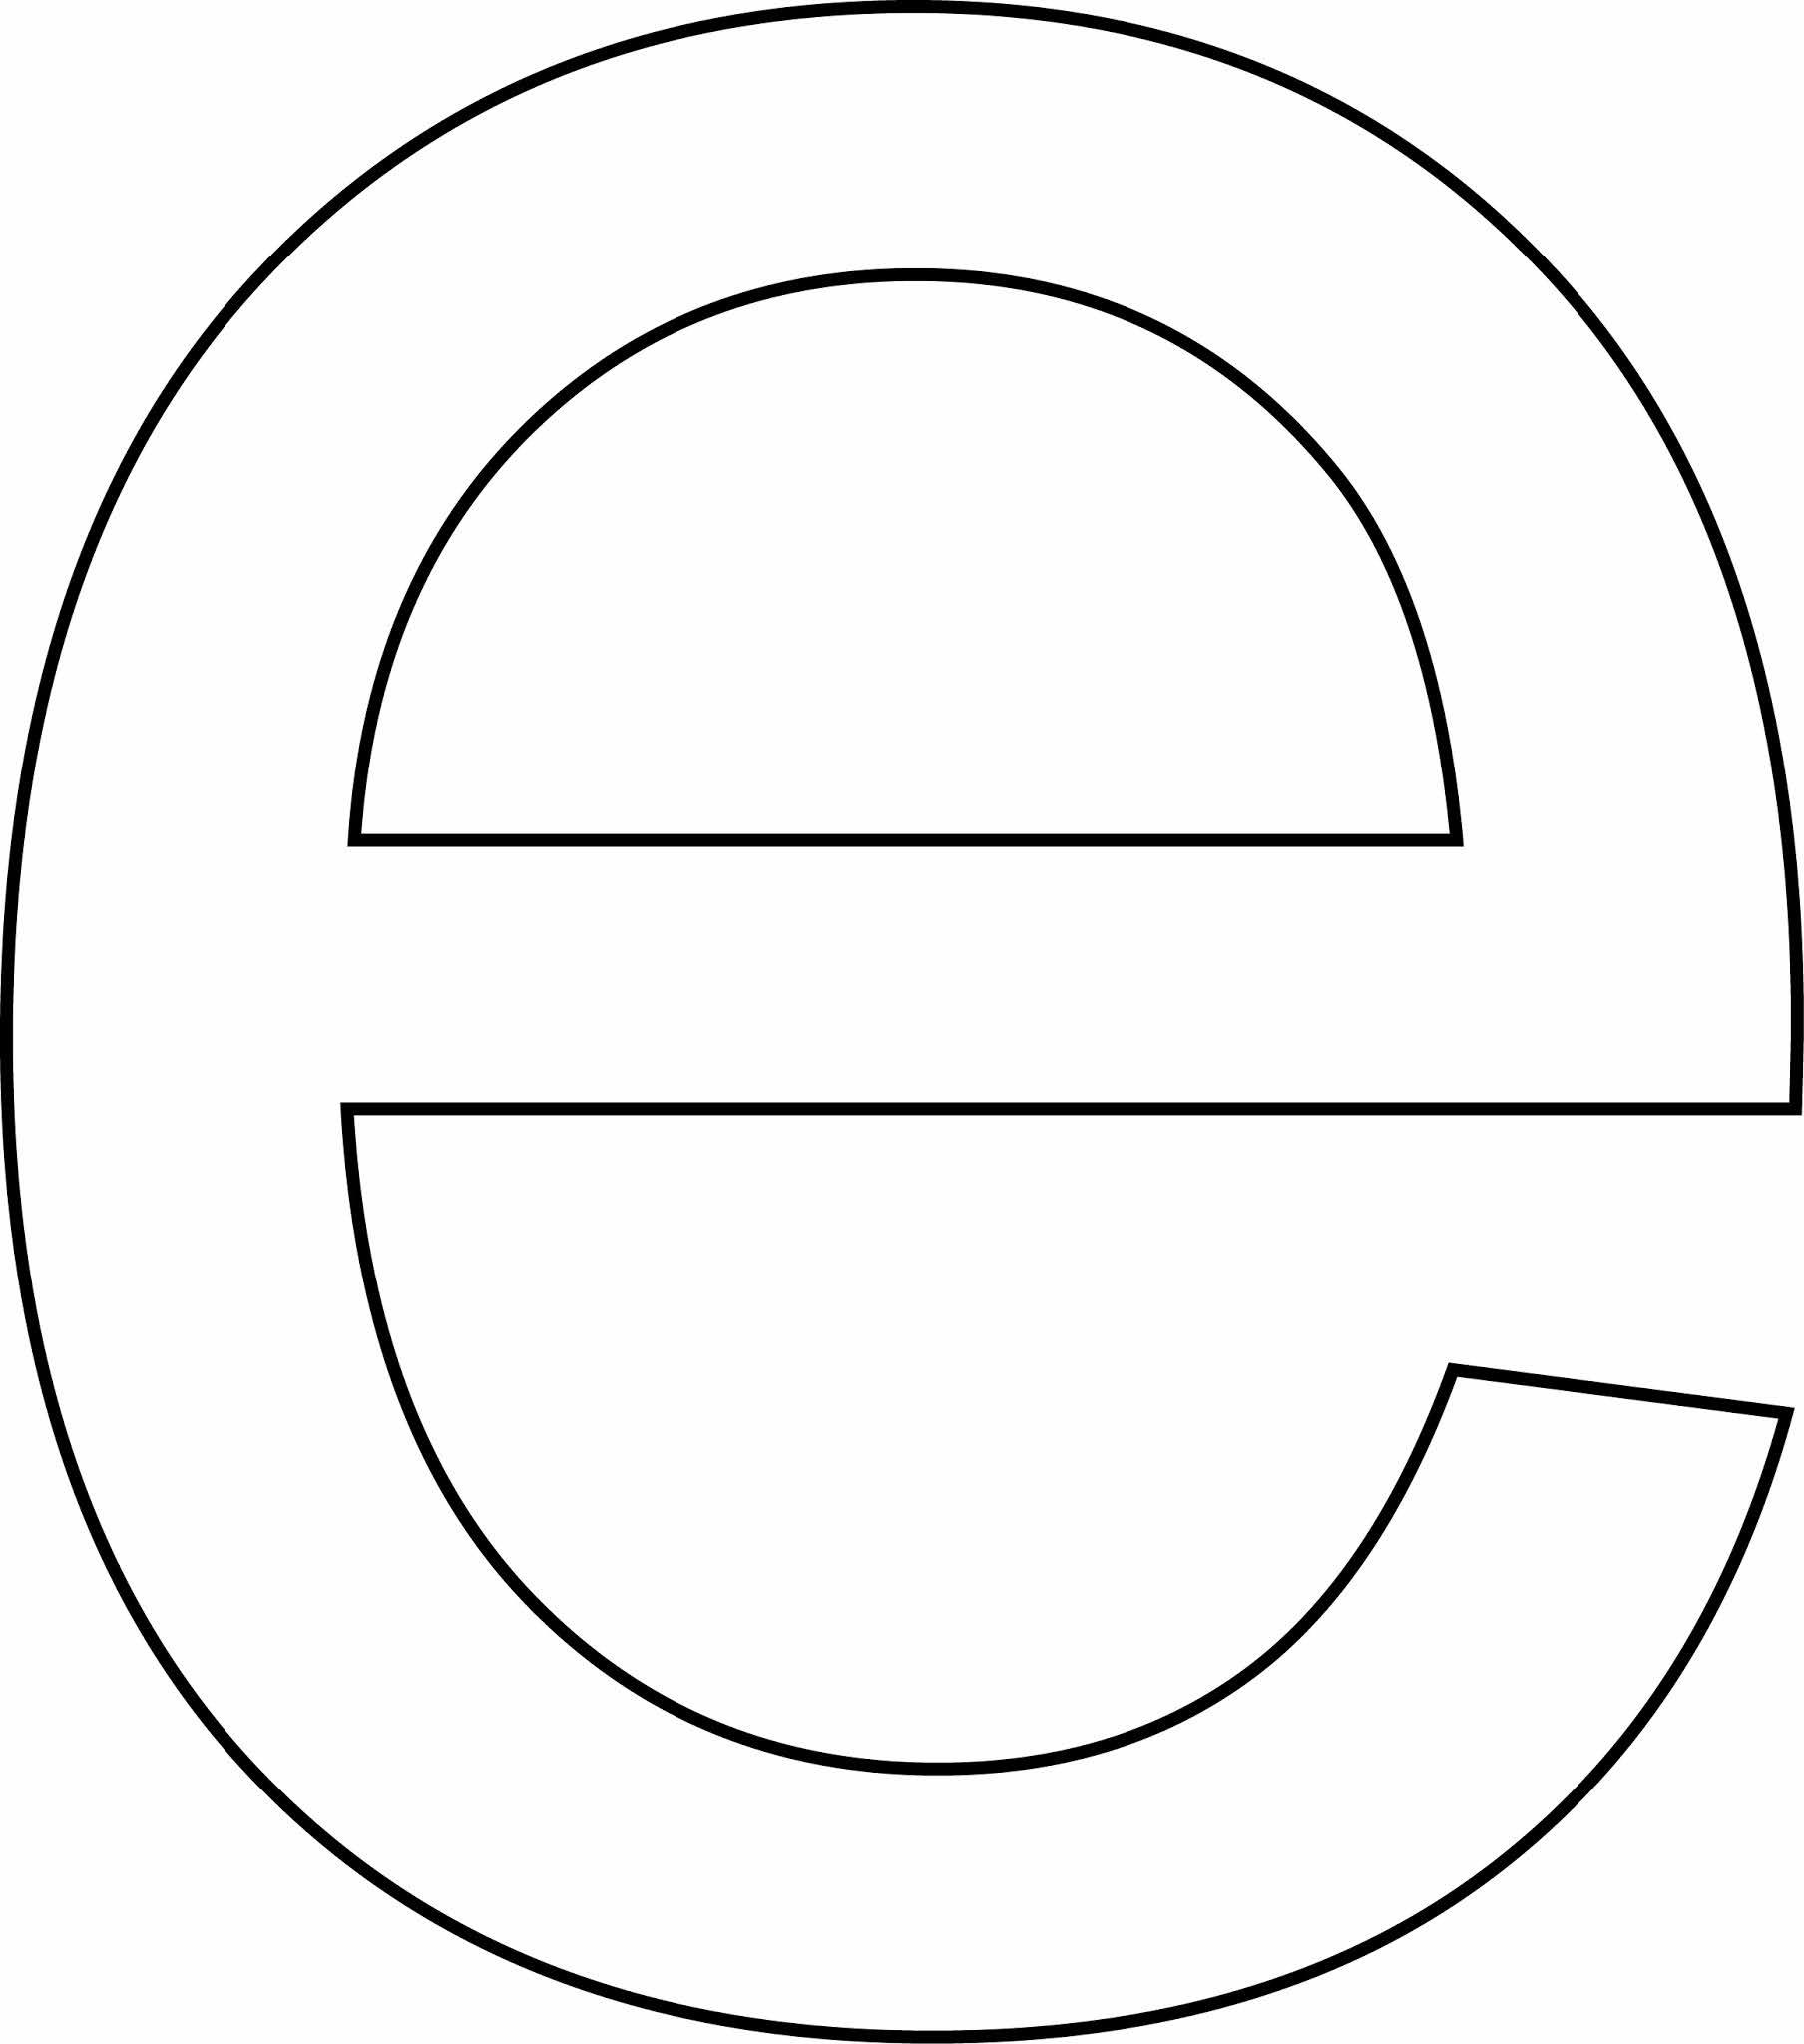 Letra e - minúscula para imprimir